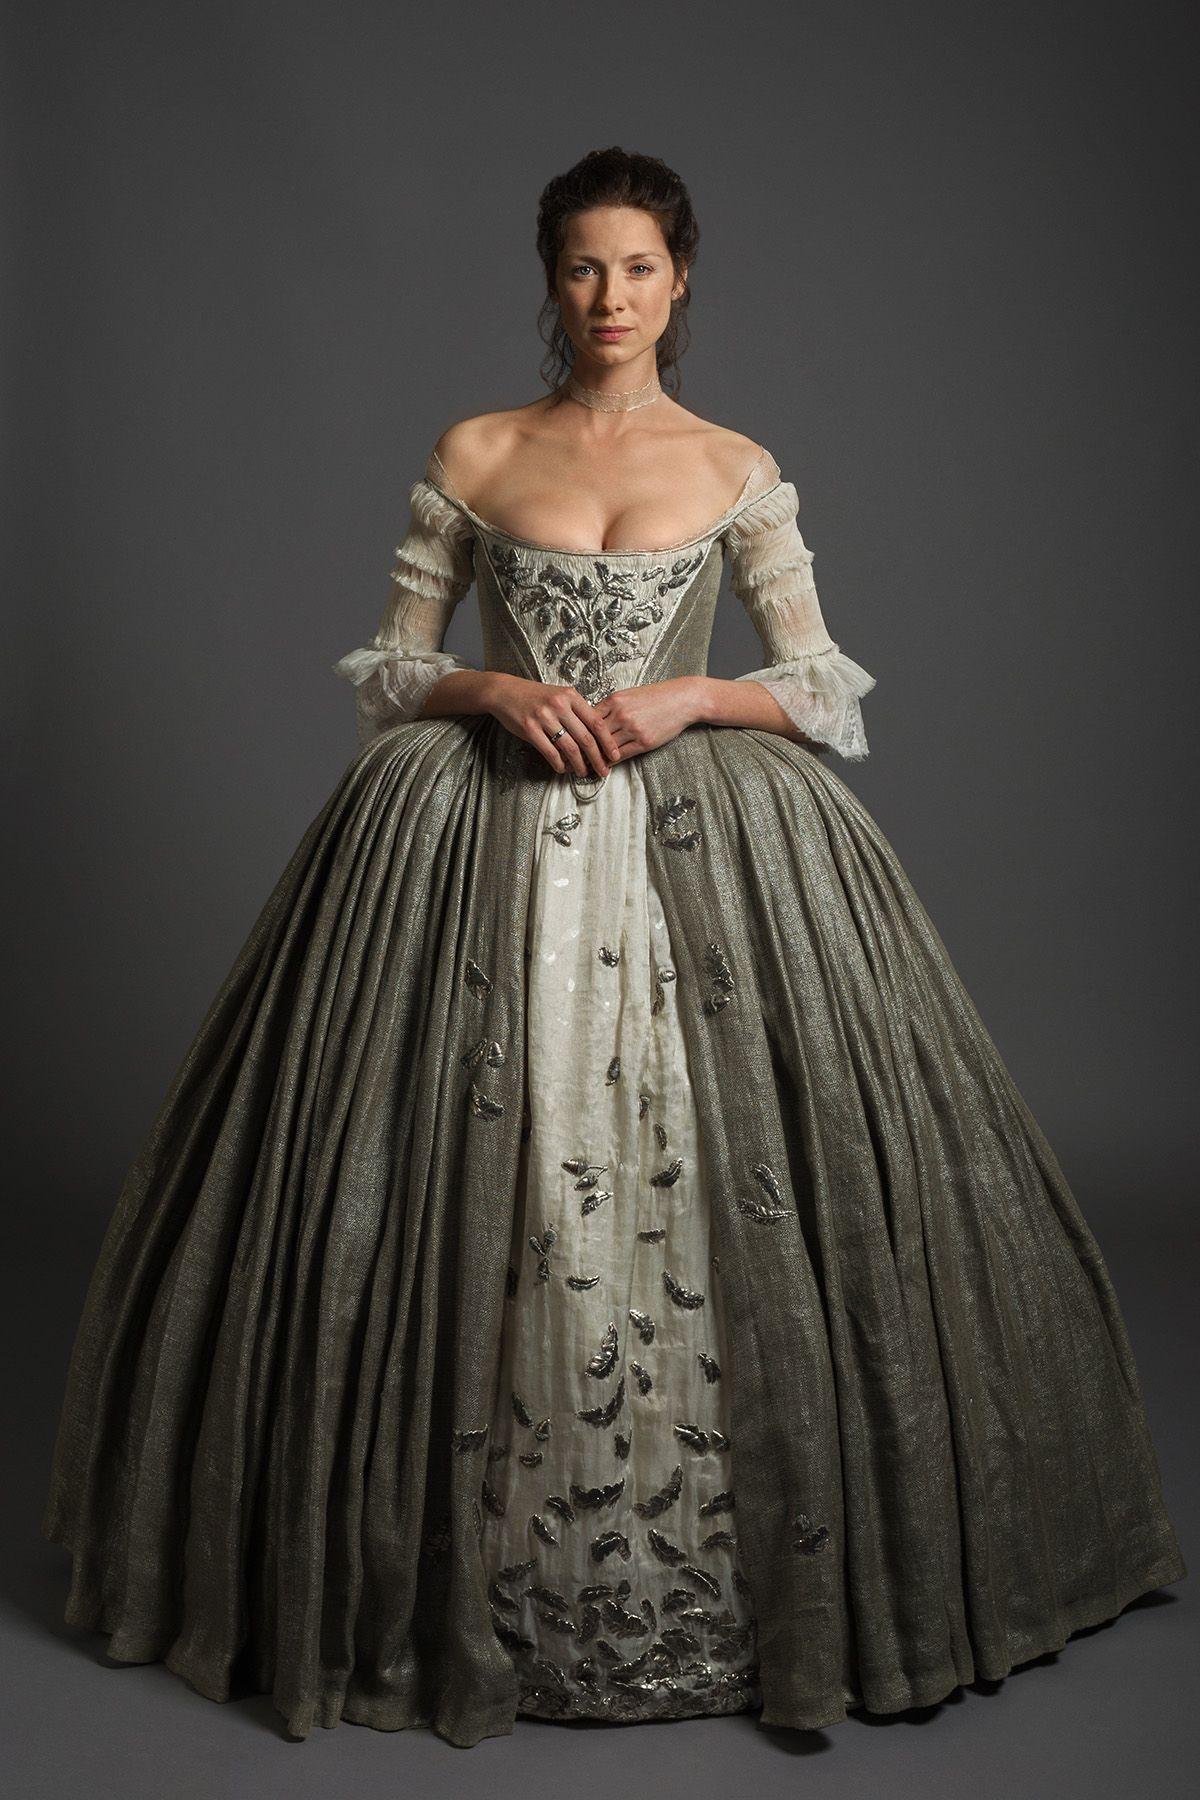 L'abito da sposa di Claire Fraser in Outlander